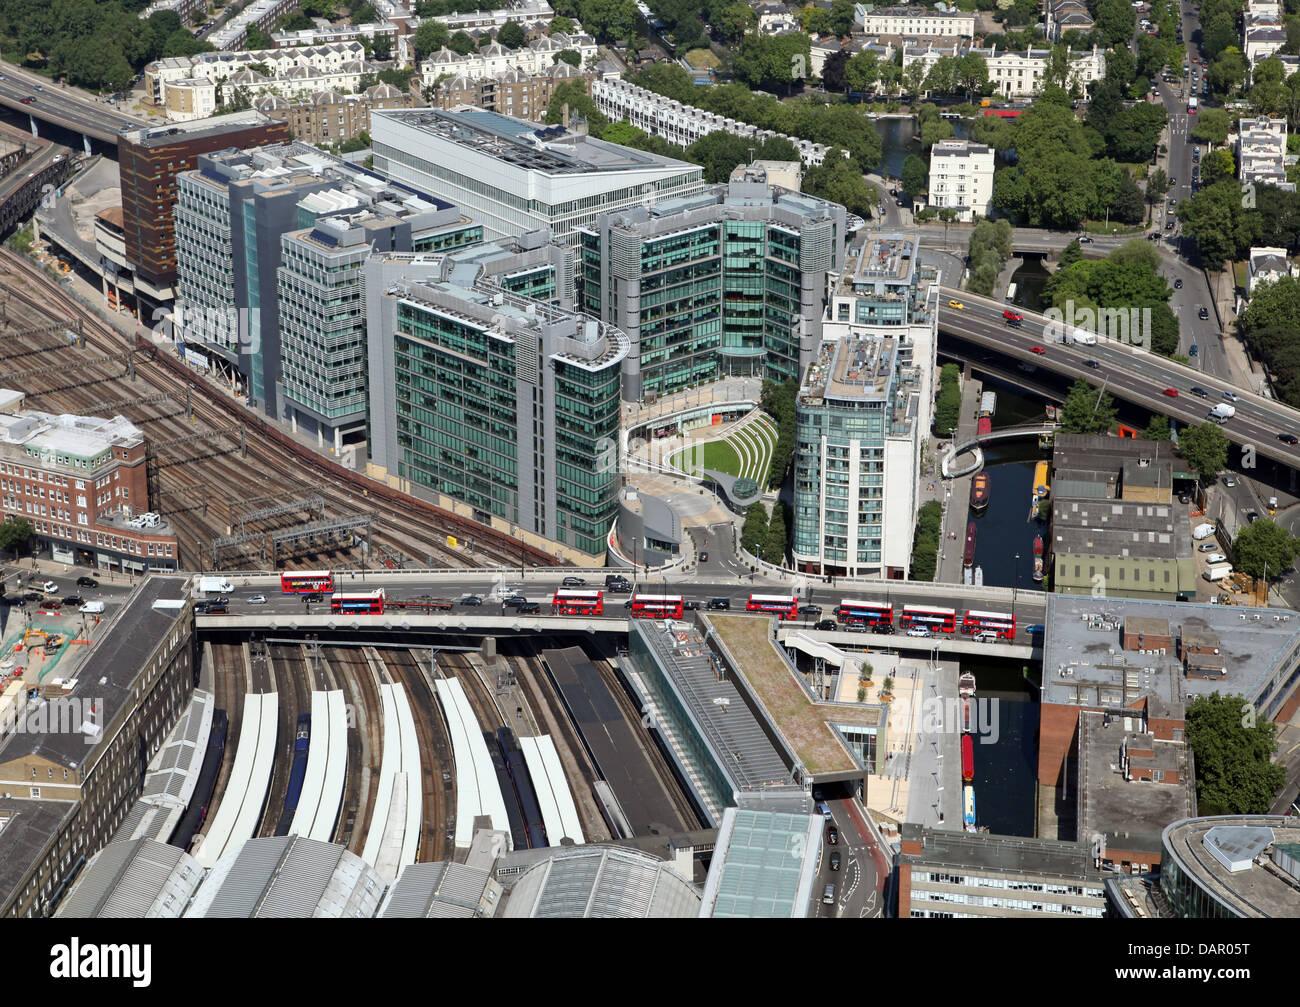 Vista aérea de Bishop's Bridge Road en Londres, la línea de autobuses rojos de Londres Imagen De Stock